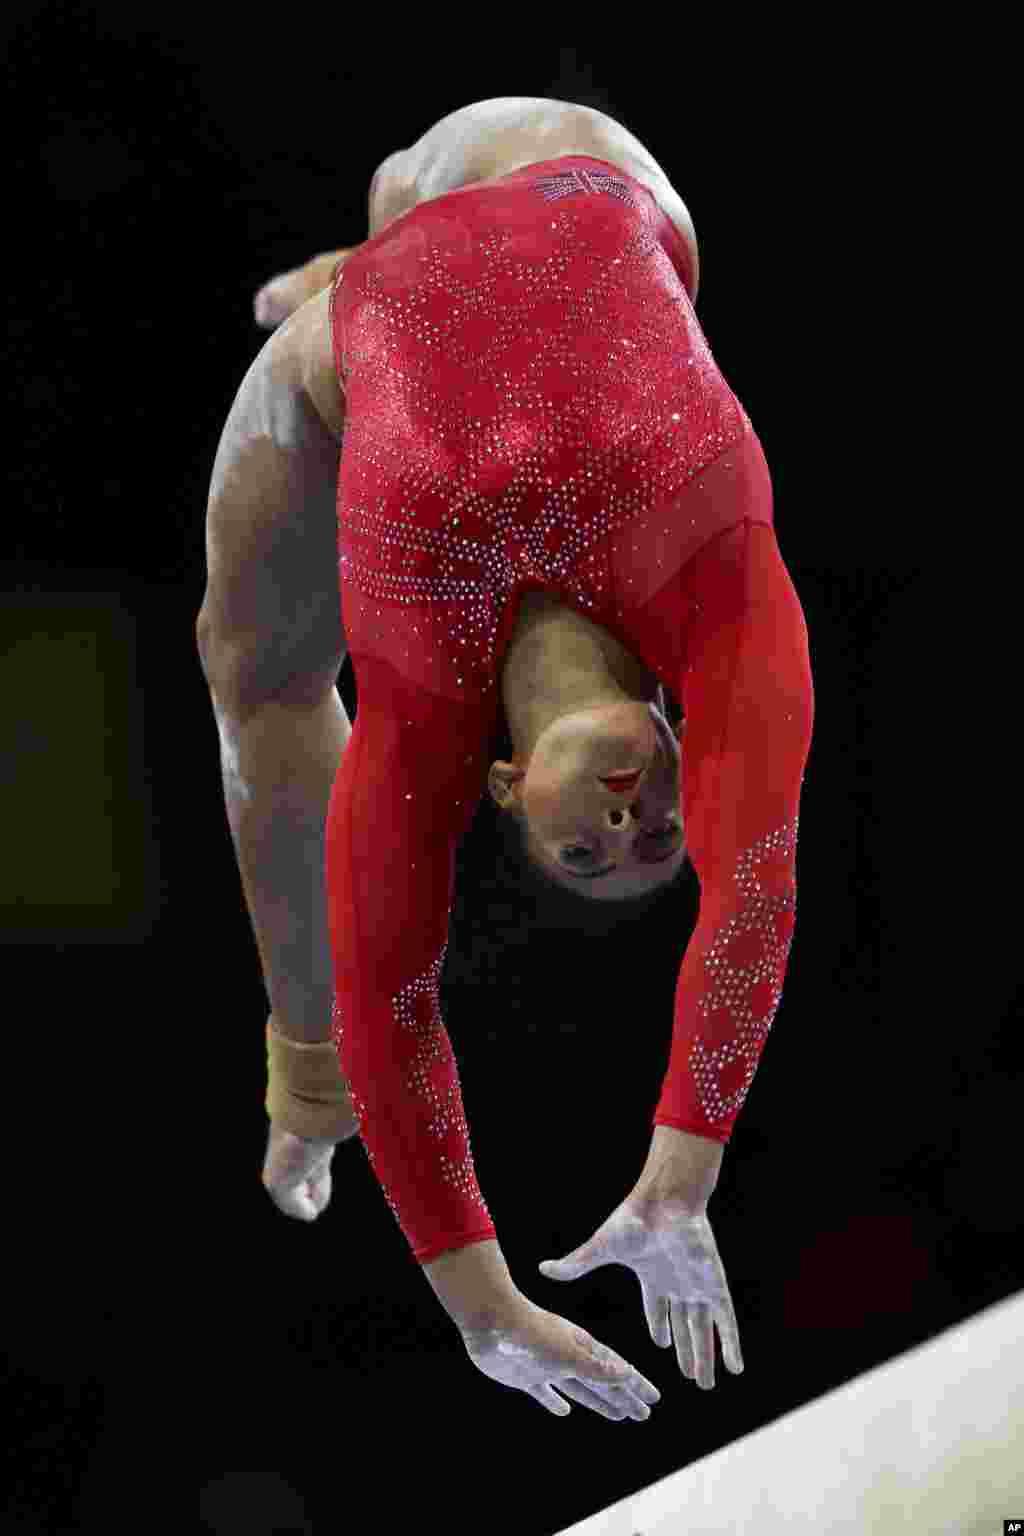 اجرای الیسا داونی، ژیمناست بریتانیایی در مسابقات جهانی ژیمناستیک در آلمان